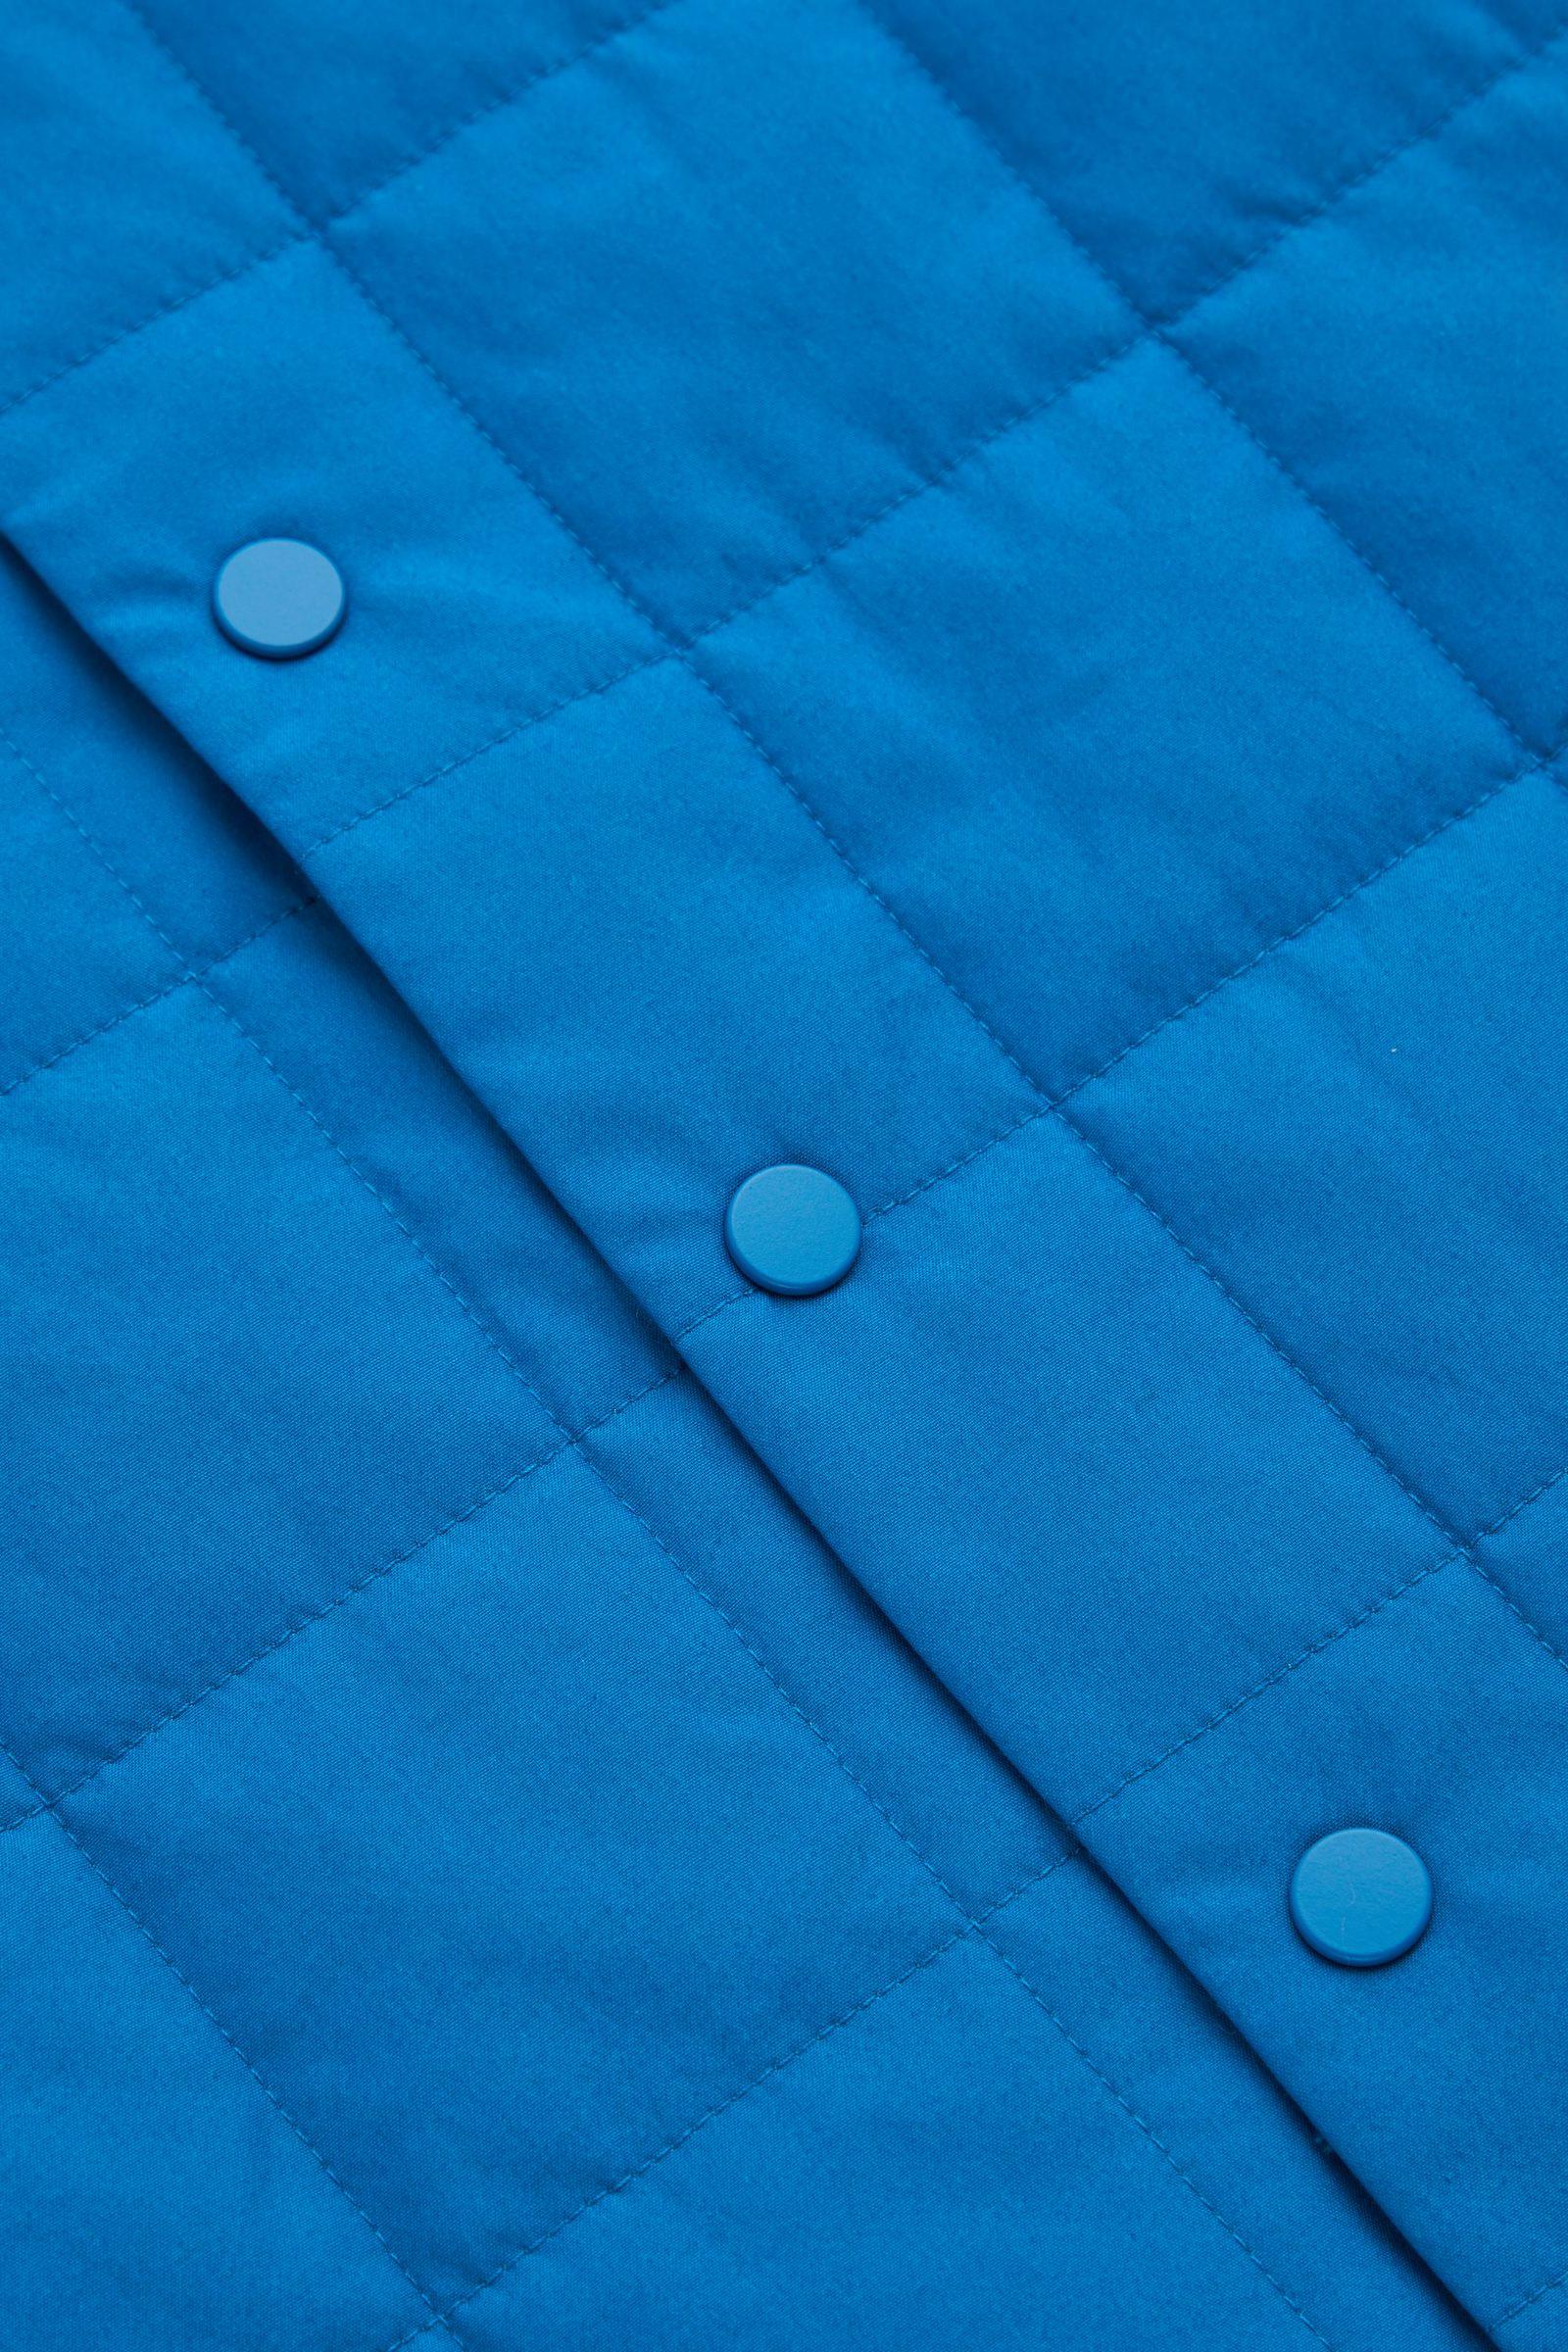 COS 체크 퀼팅 패딩 질레의 블루컬러 Detail입니다.